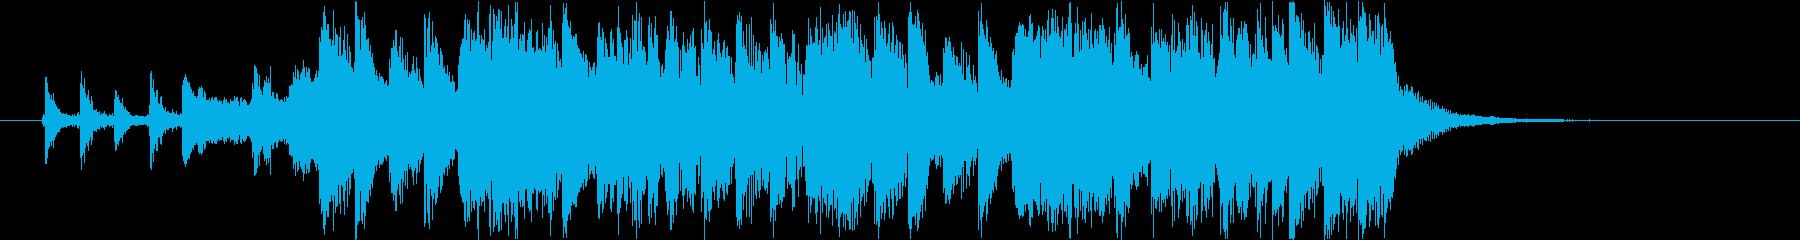 ホラーでかわいいジングル J10の再生済みの波形